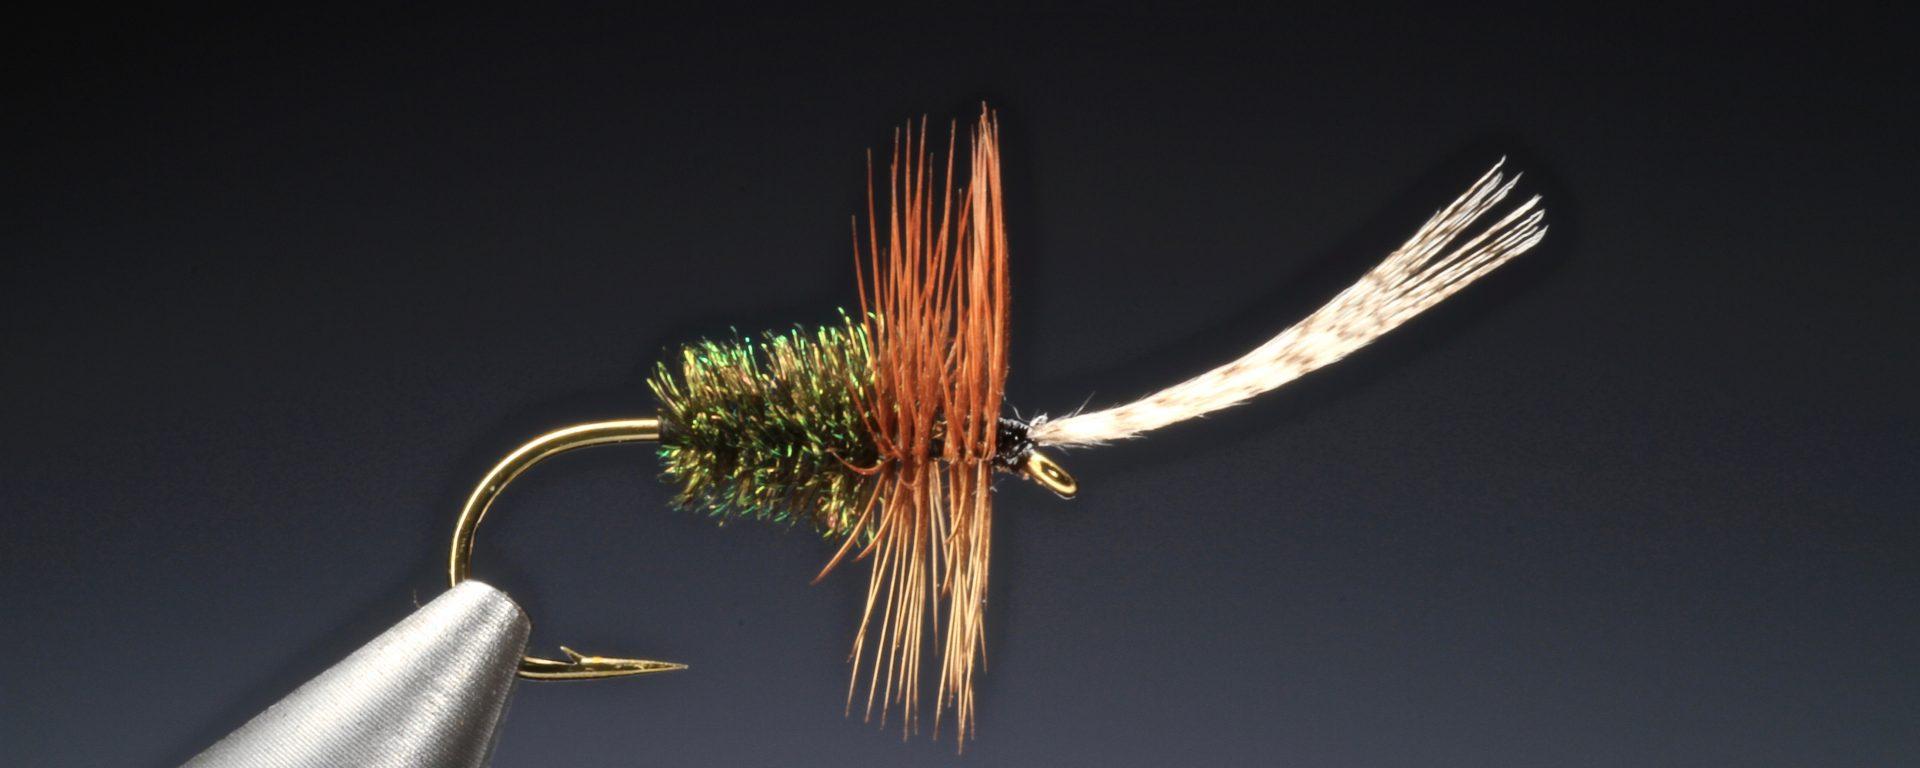 fly tying John Storey dry fly